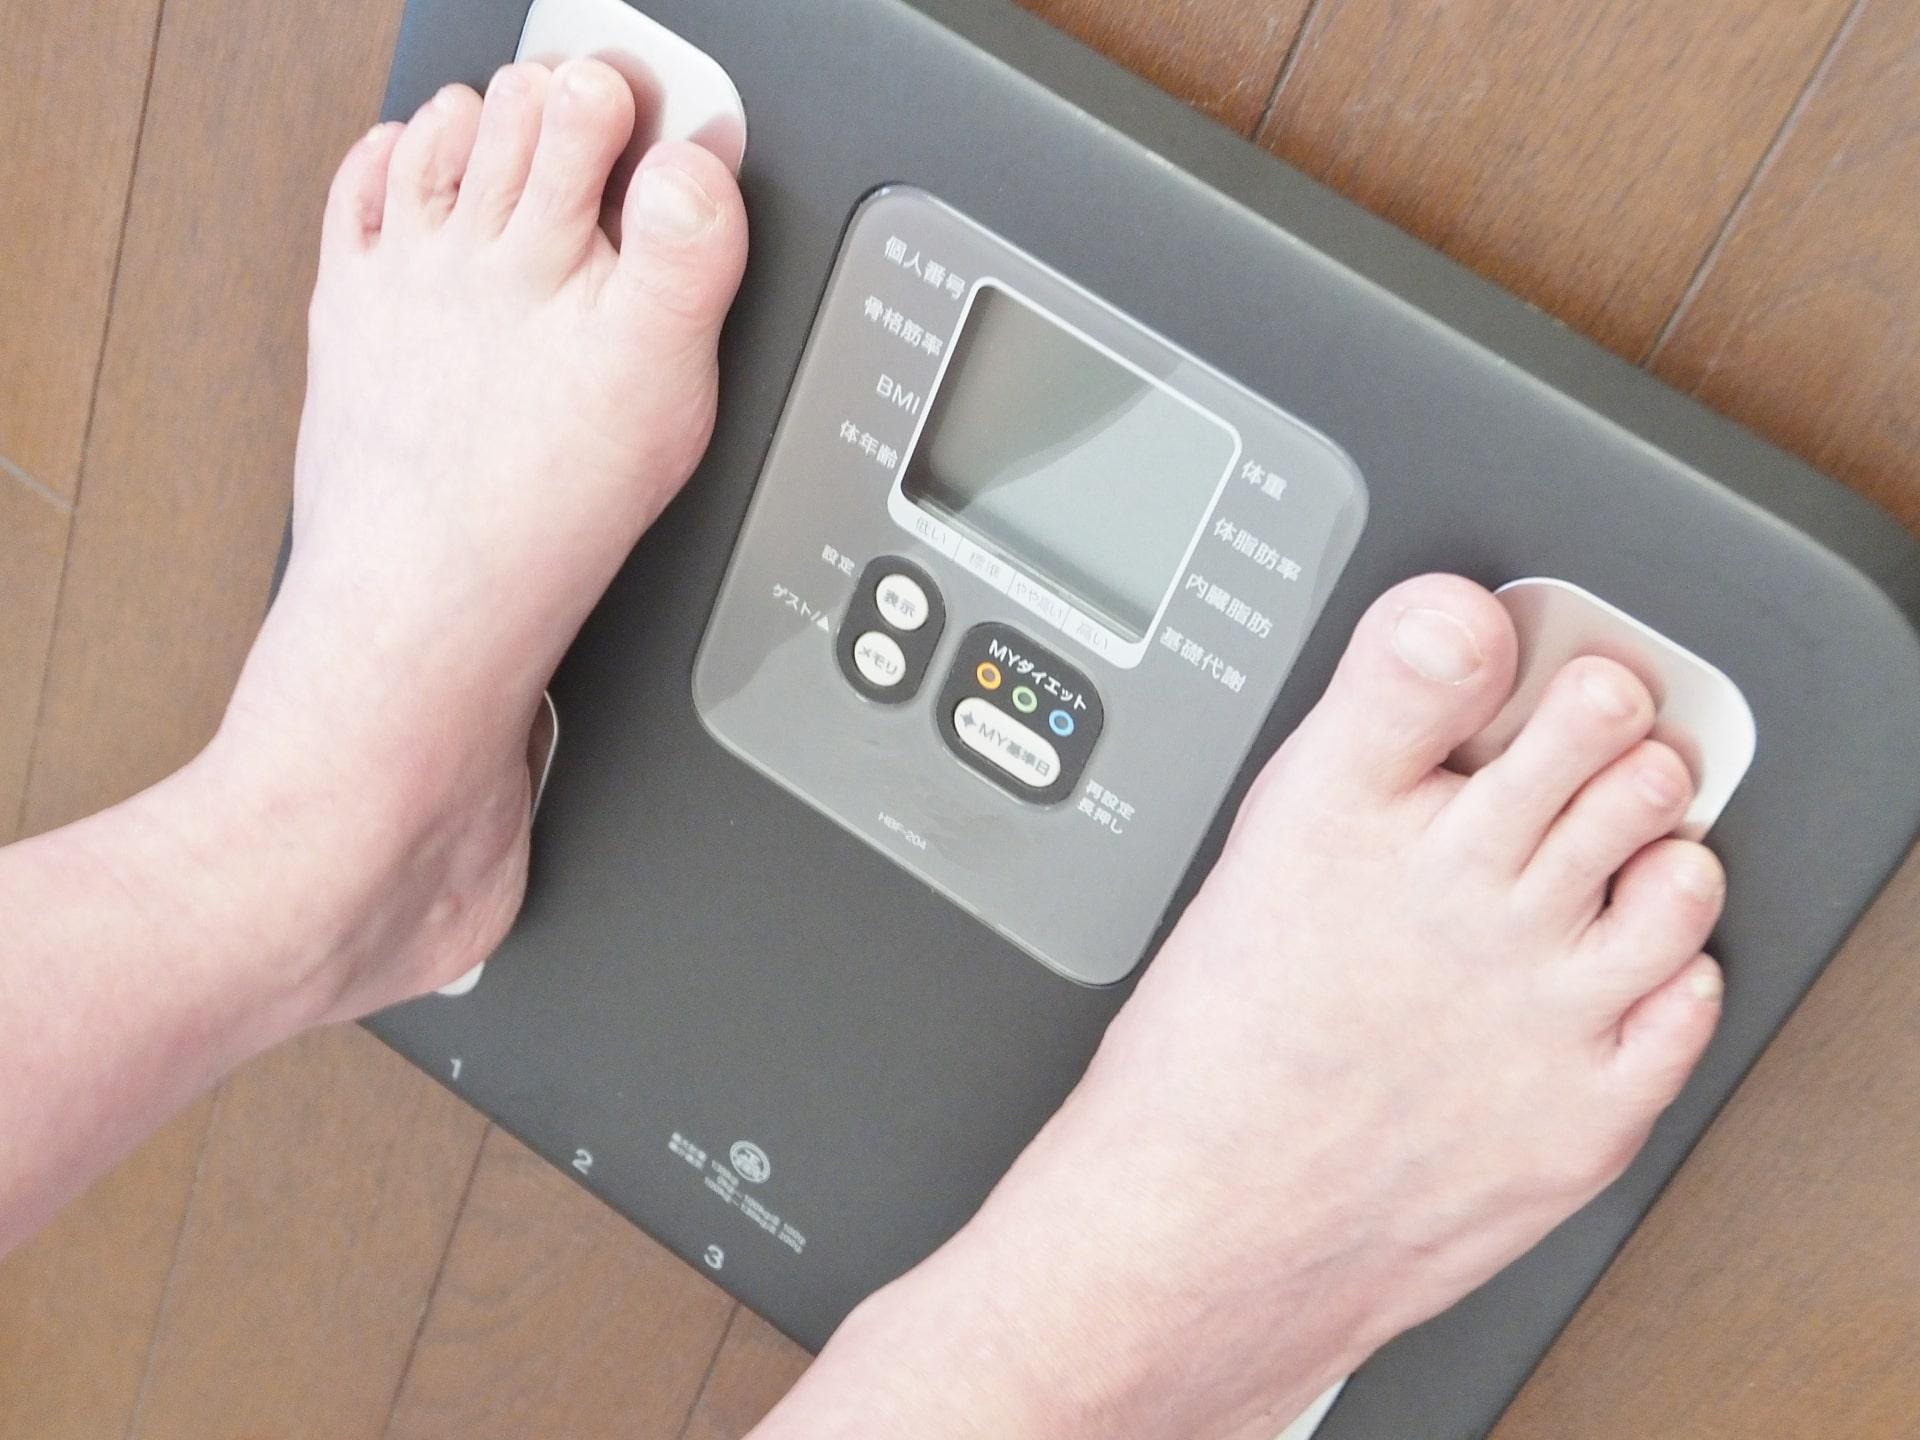 【産後ダイエット】おすすめの産後ダイエットの方法